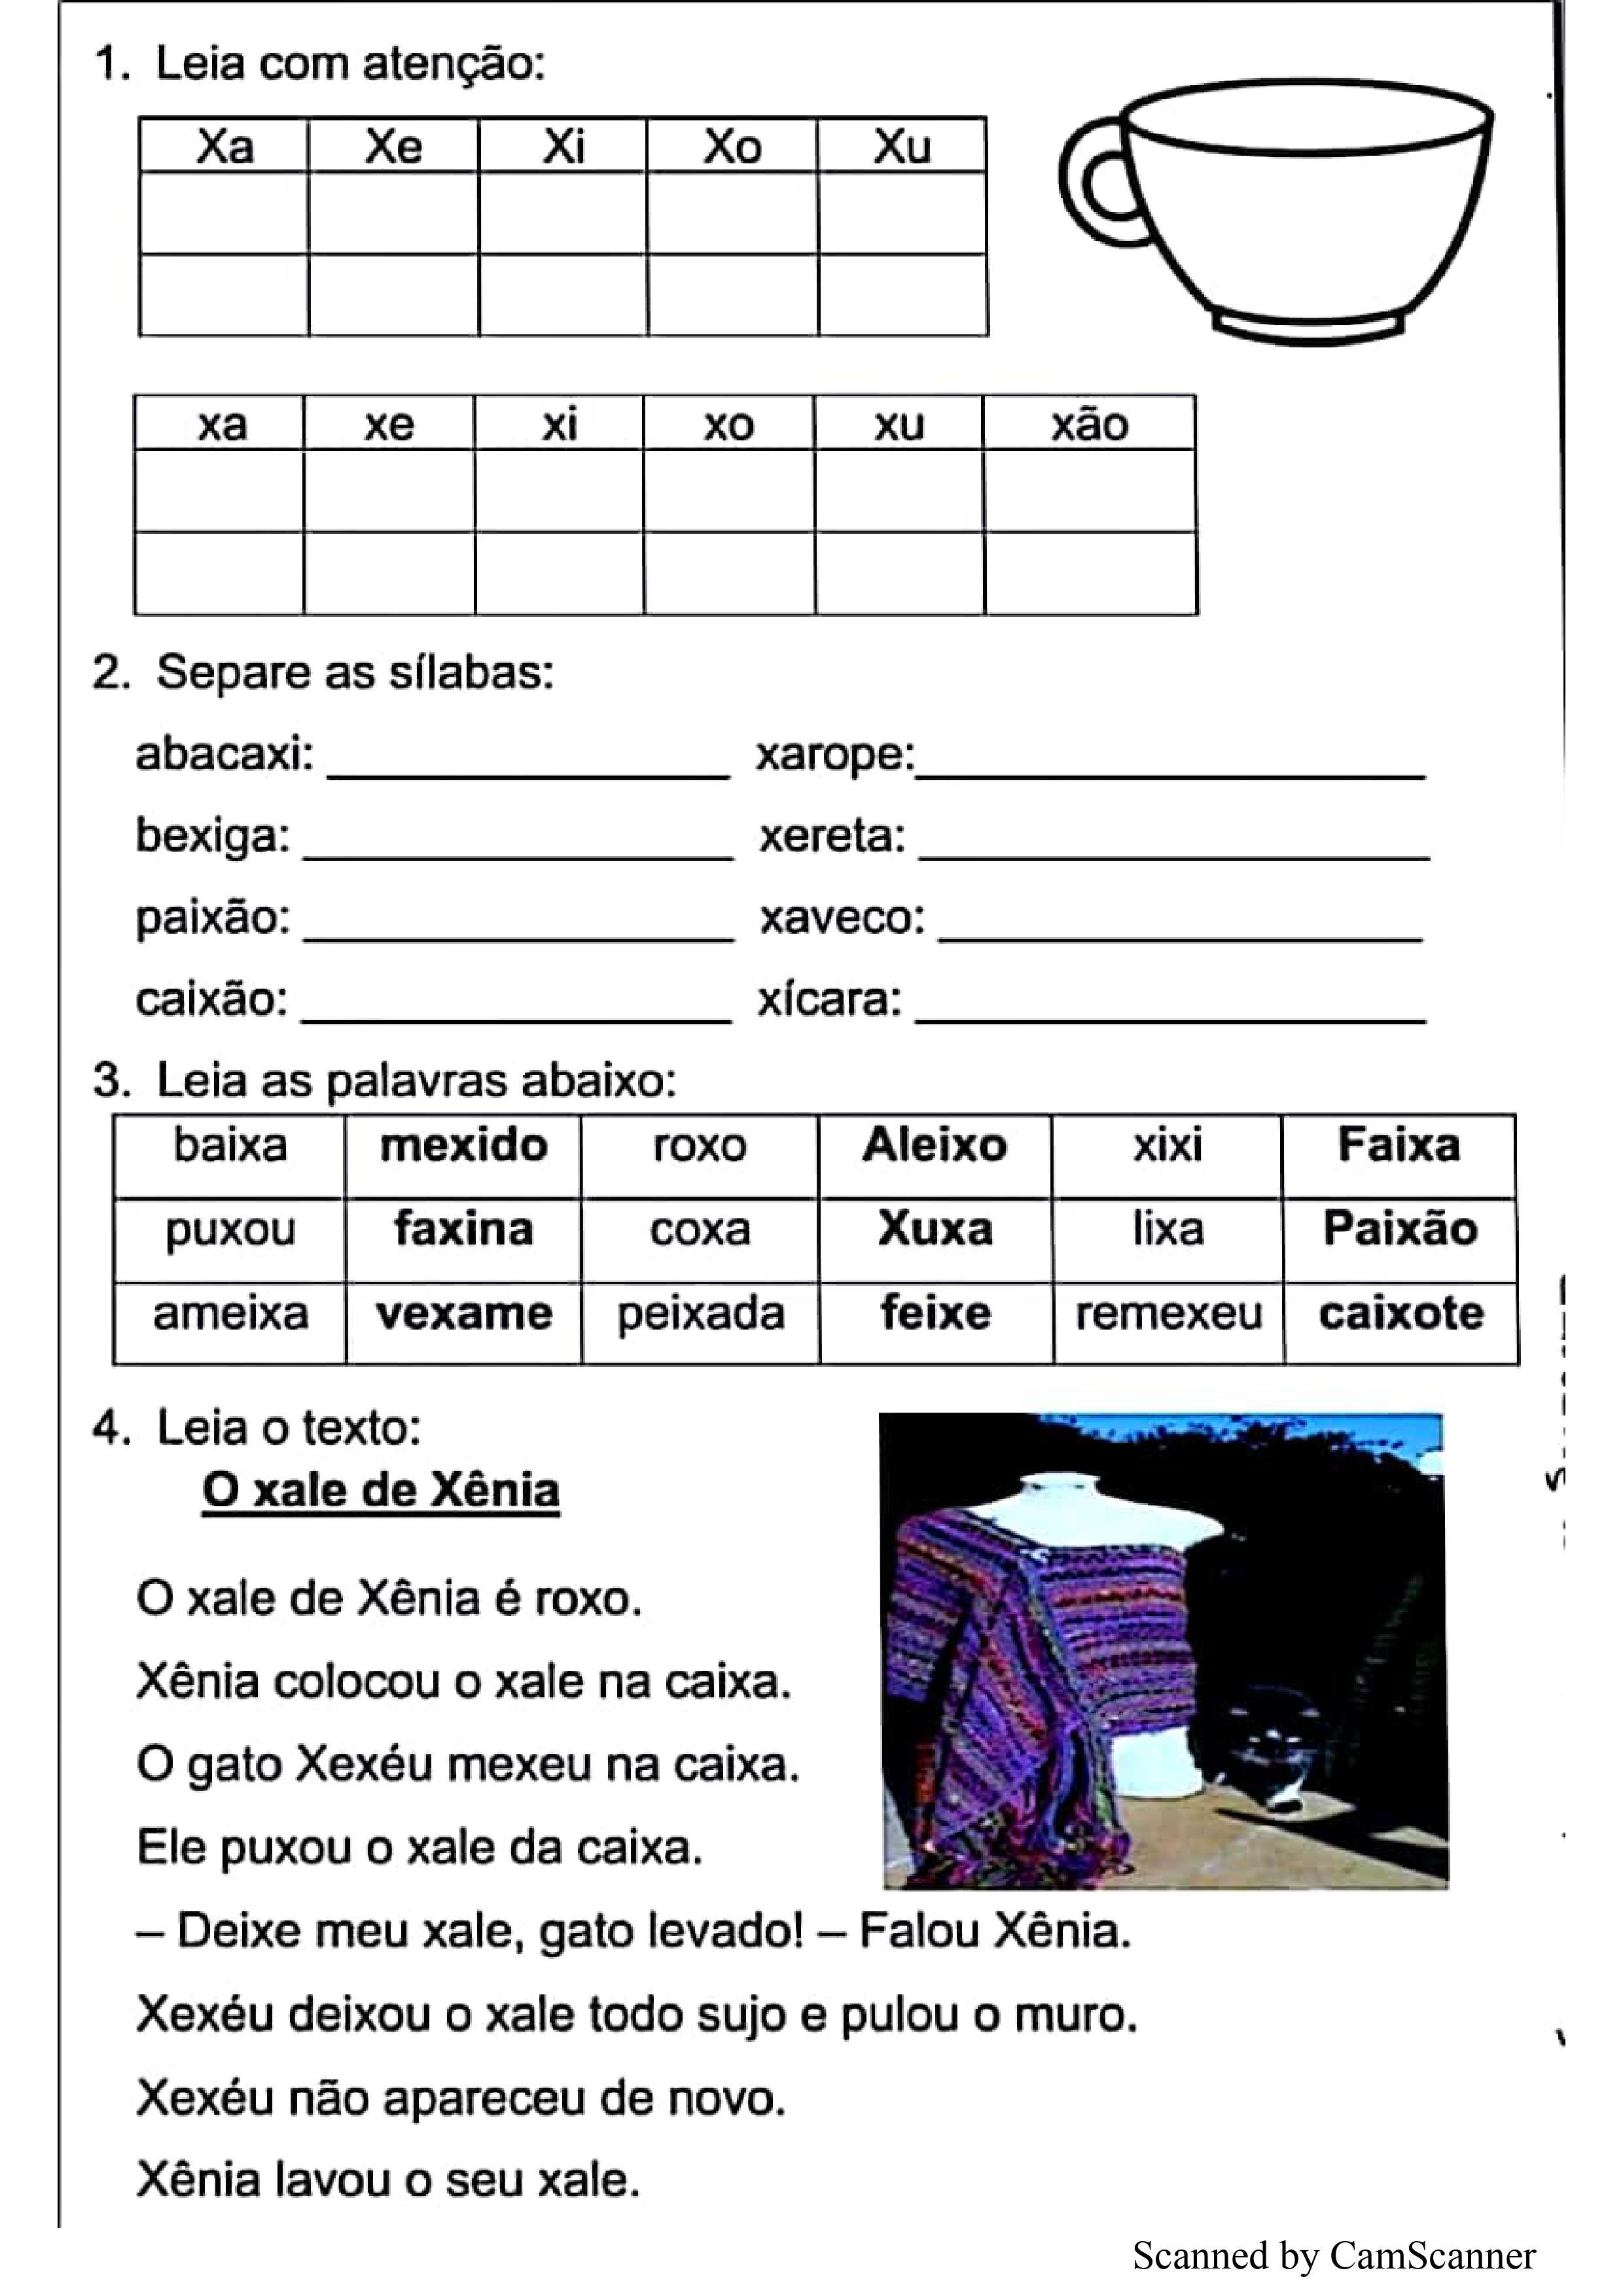 atividade_para_o_2°_ano-17